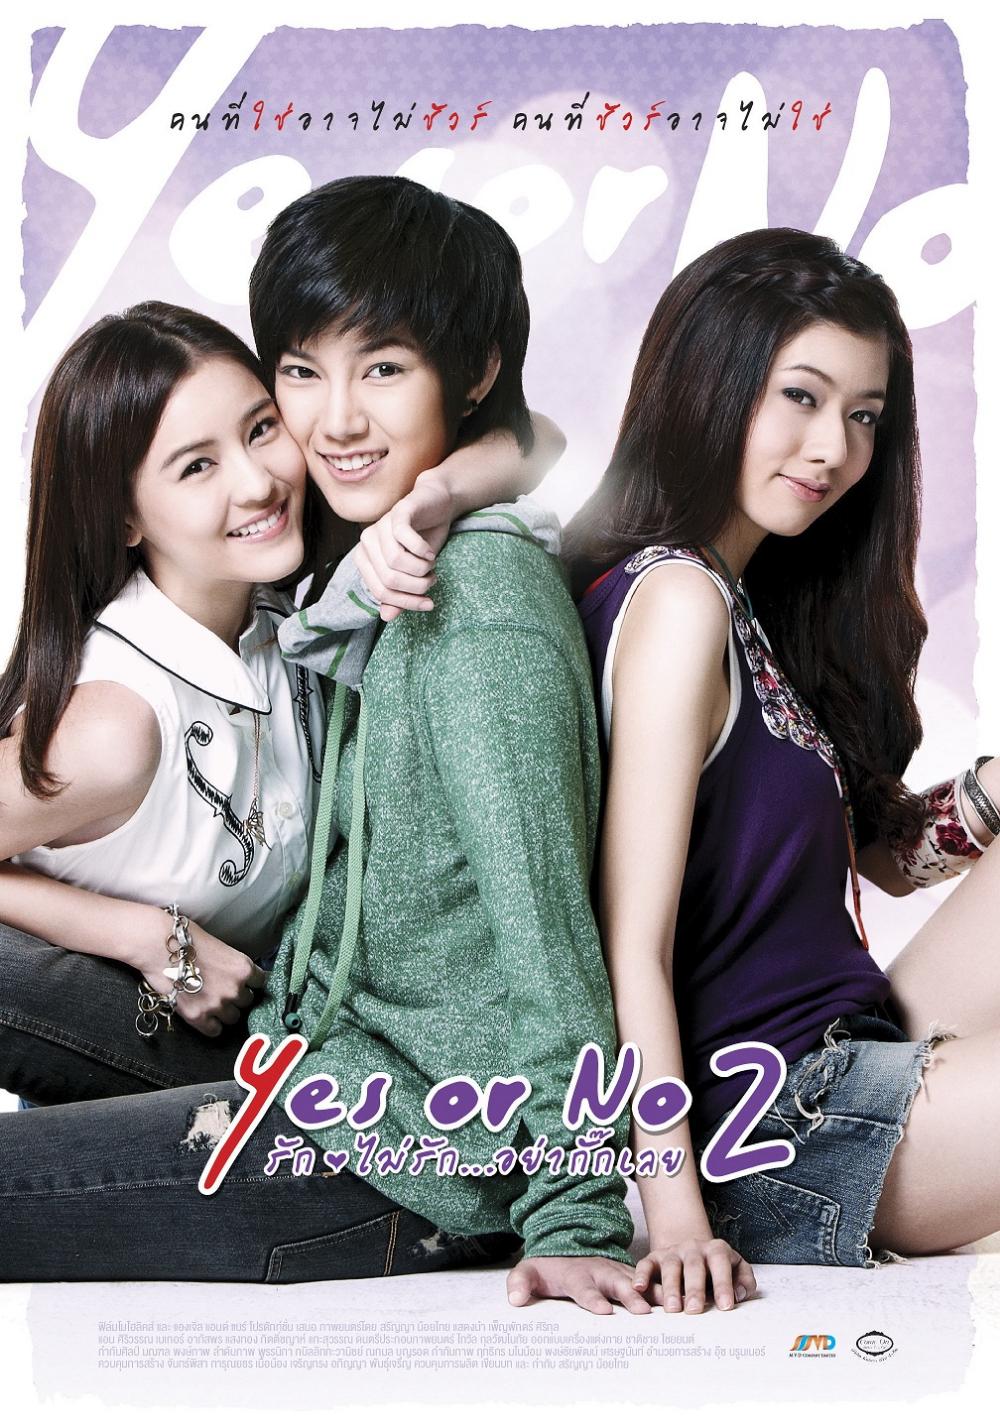 Yes or No 2 รักไม่รัก อย่ากั๊กเลย (2555) LGTB movie